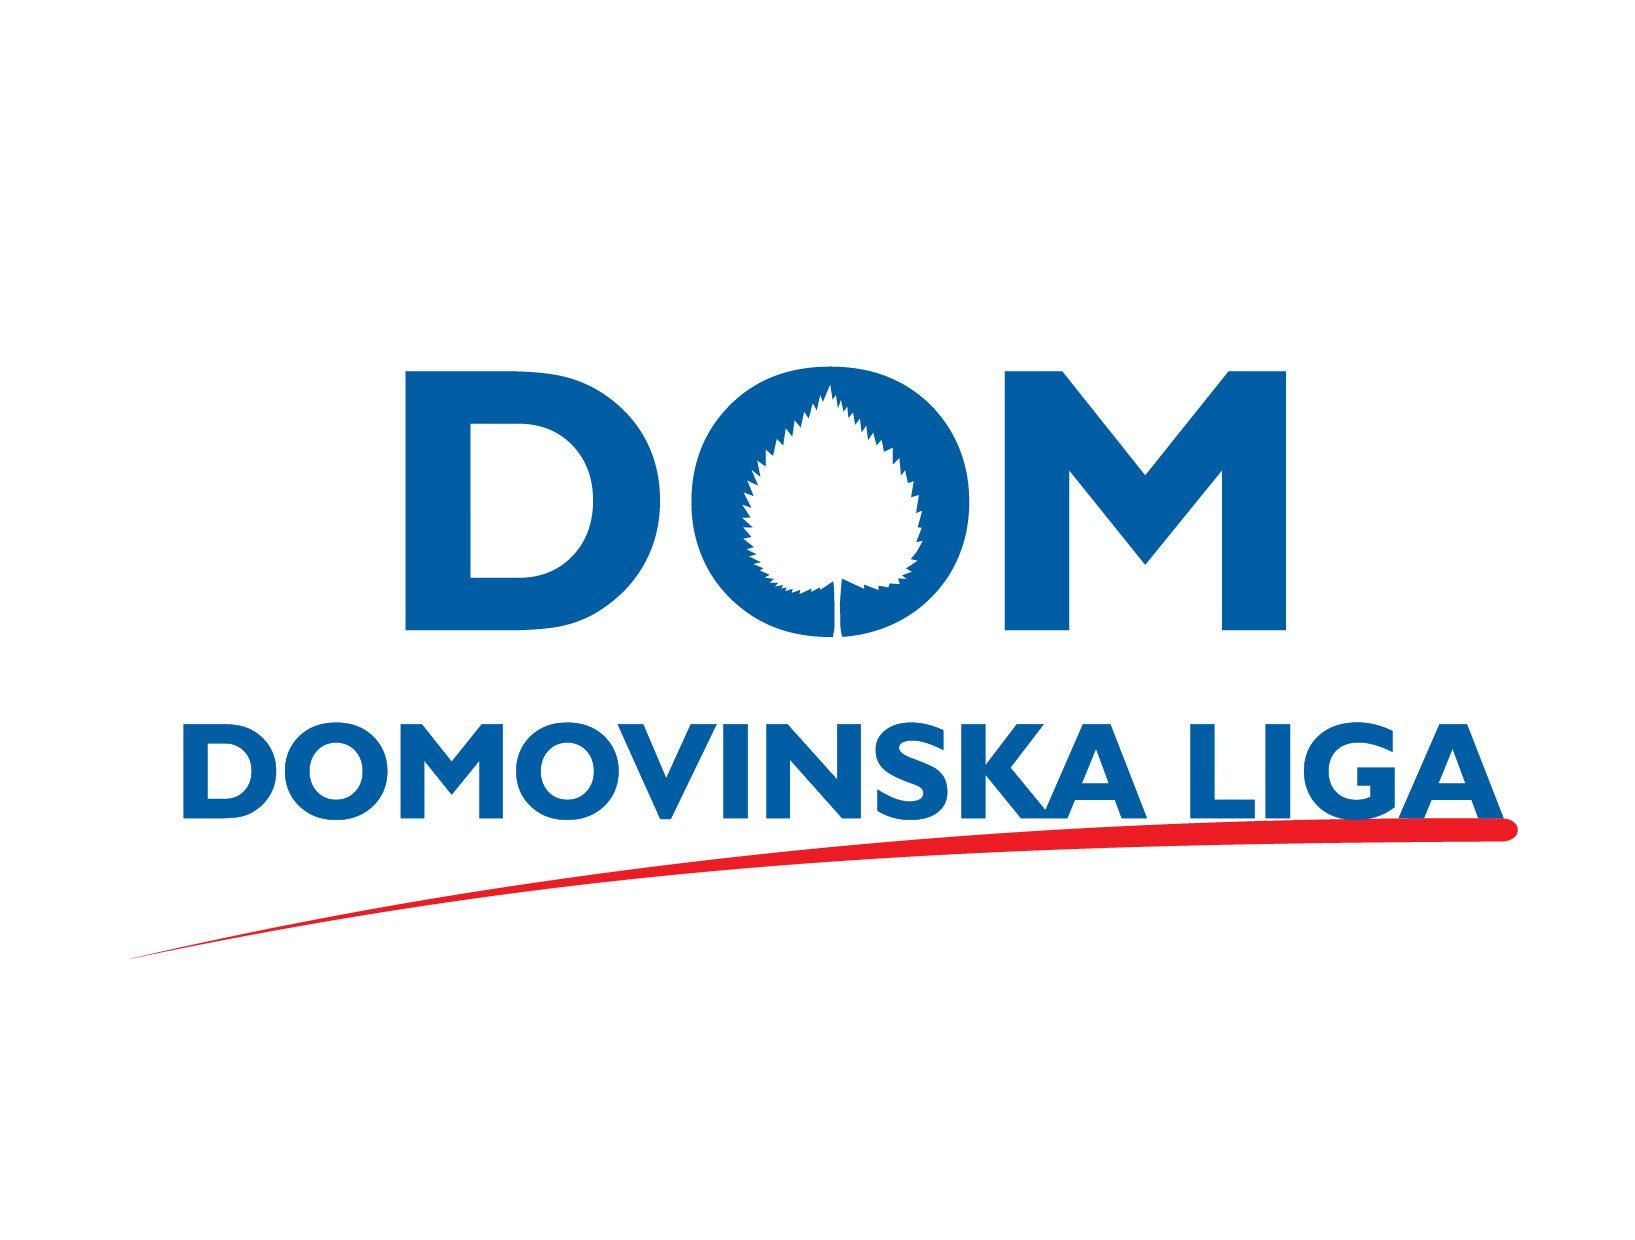 Domovinska liga nova desna domoljubna in populistična stranka